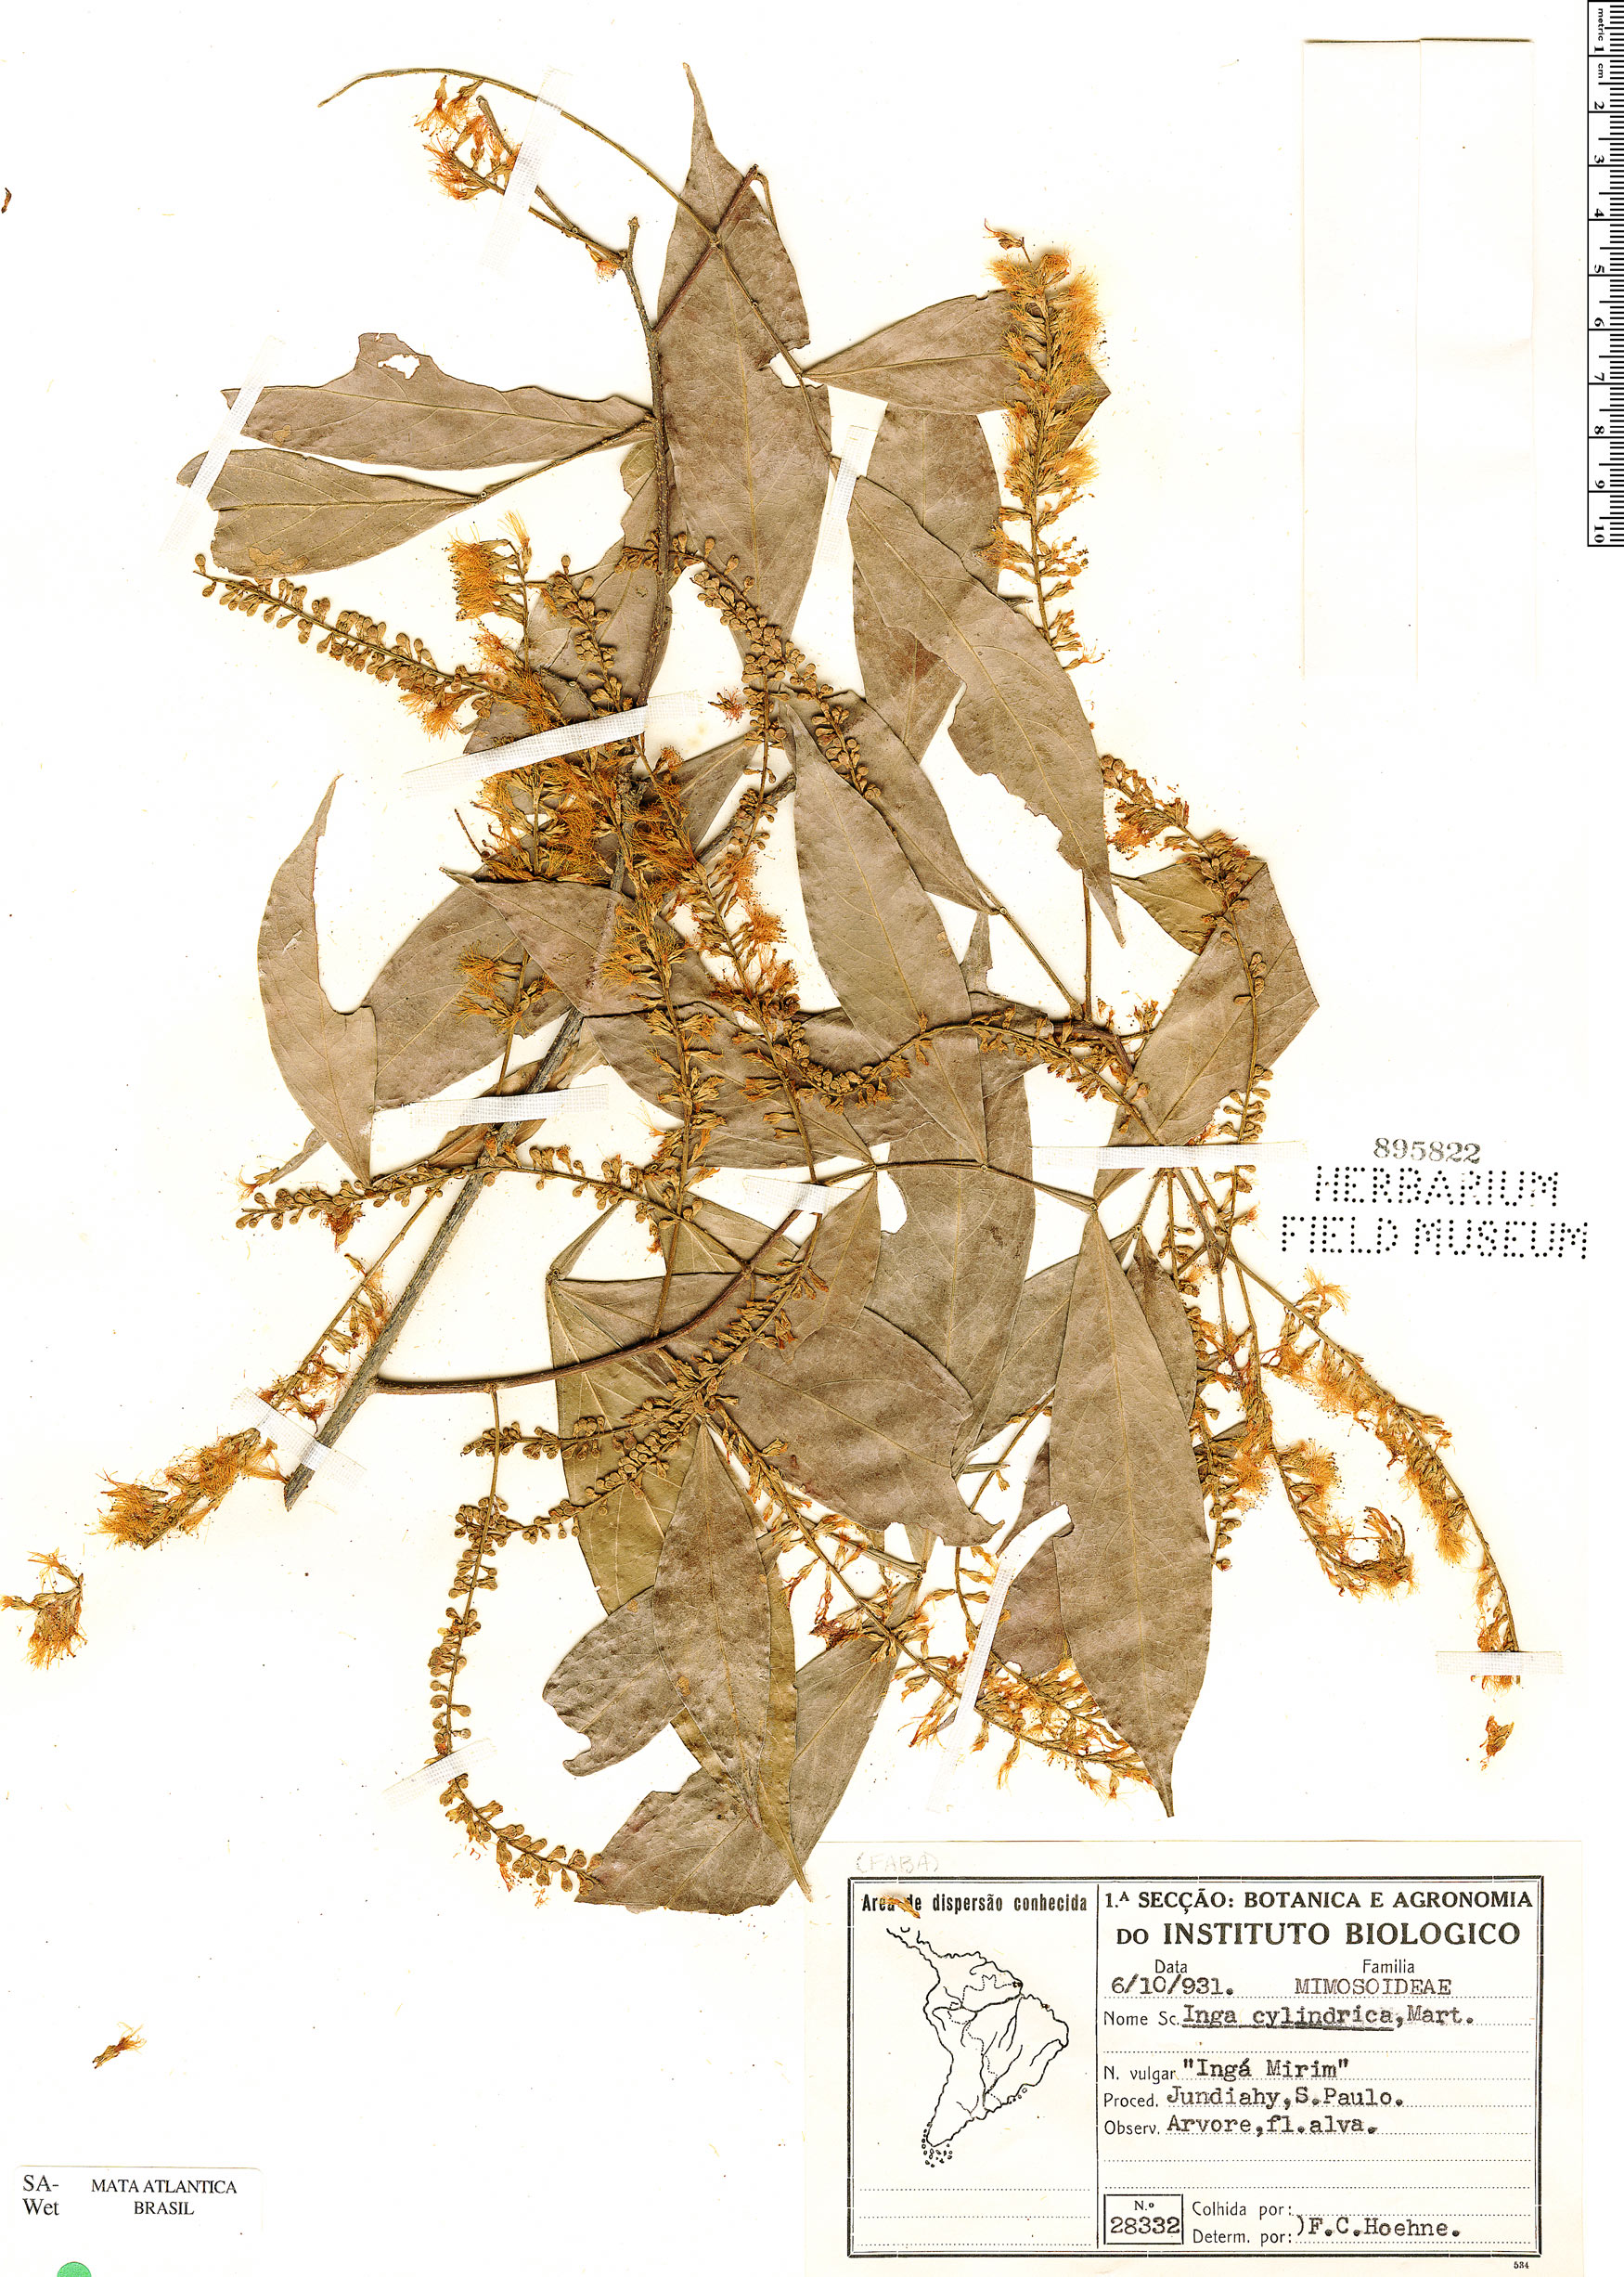 Espécime: Inga marginata